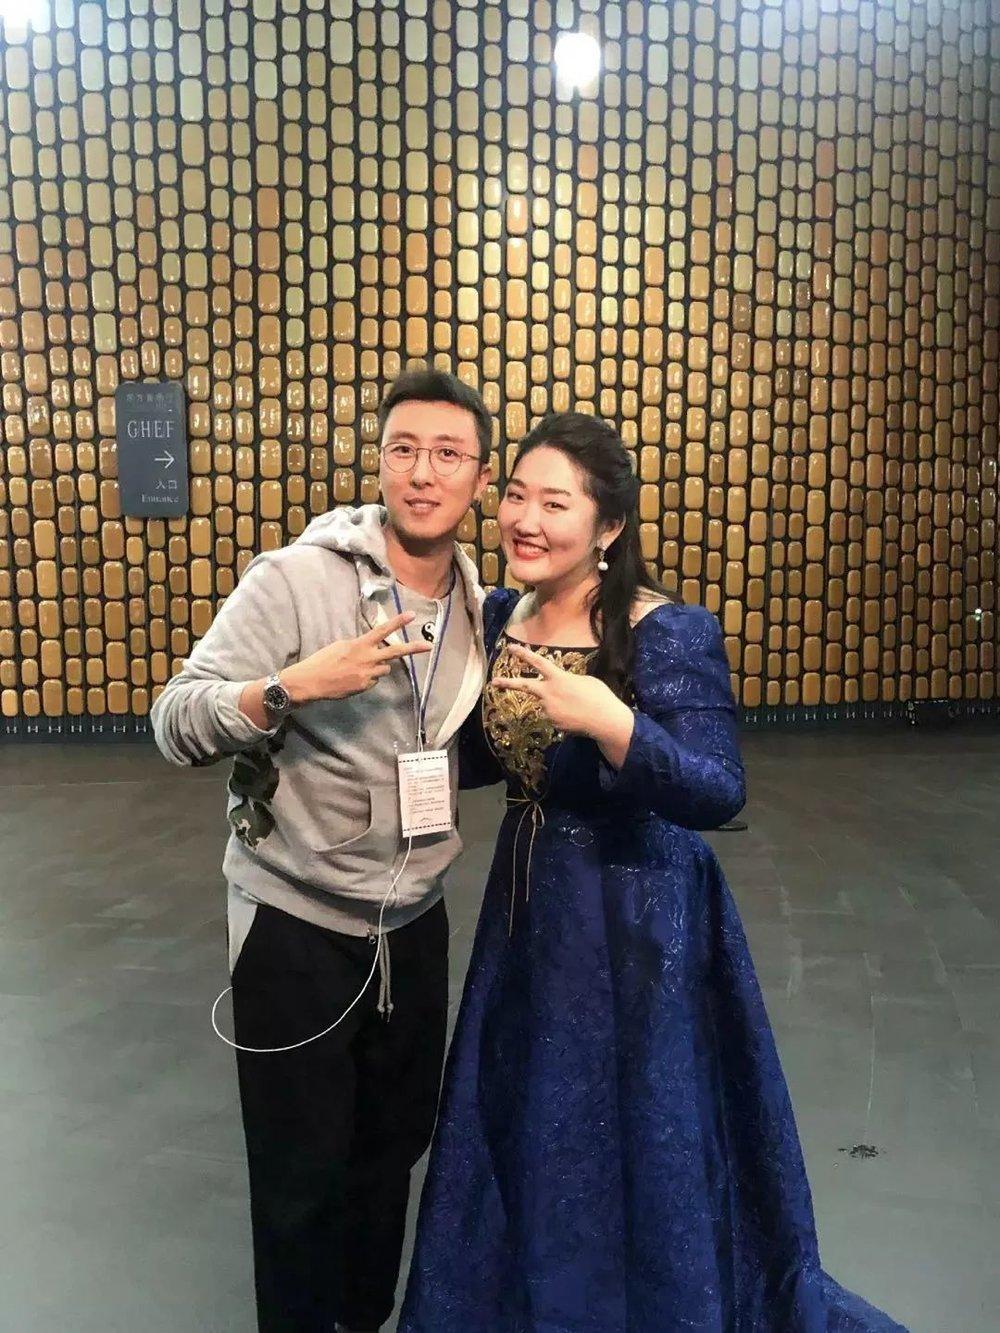 最后的最后,佳鑫弹奏了一首薛之谦的《刚刚好》,为记录所有的美好,也为记录下每一次的相遇。